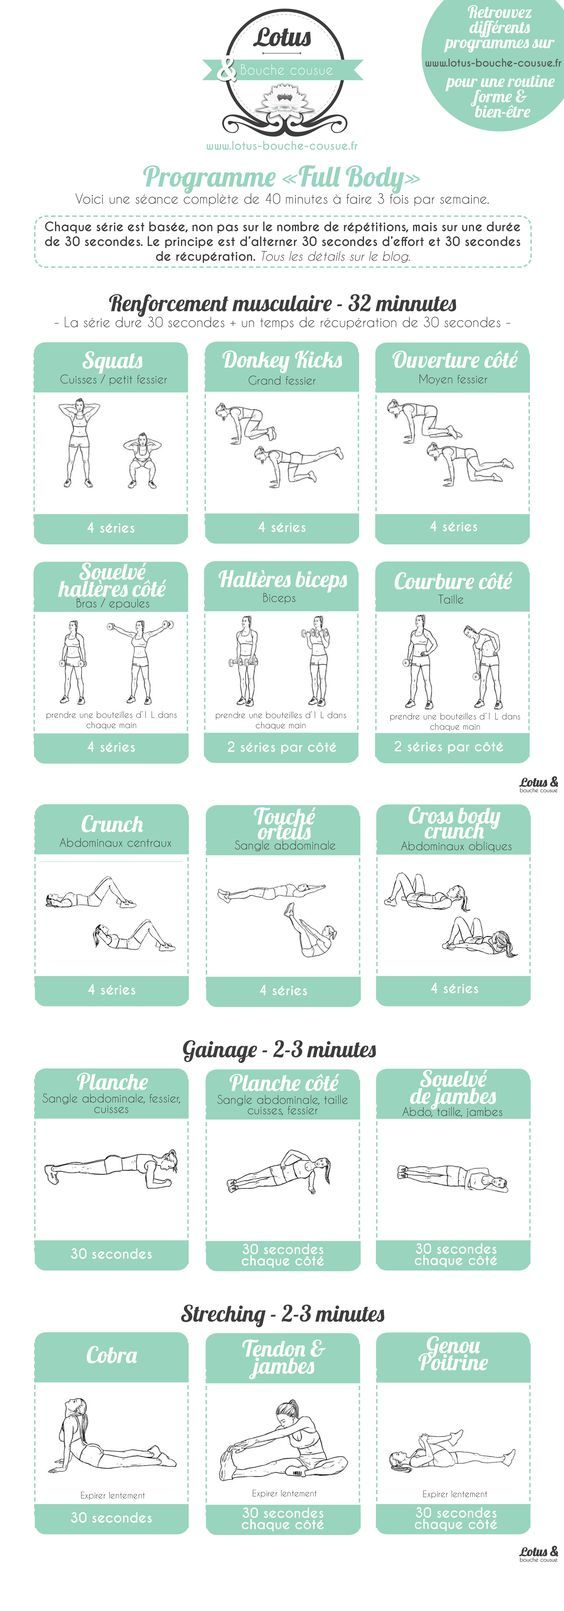 Programme fitness « Full Body » à la maison. Un programme complet, pour débutantes et intermédiaires, qui travaille tout le corps. Le principe de ce programme repose, non pas sur le nombre de répétitions, mais sur la cadence de 30 secondes par série. #motivation #fitfrenchies #fitness #fitfam #tbc #eatclean #traindirty #fitnessgirl: